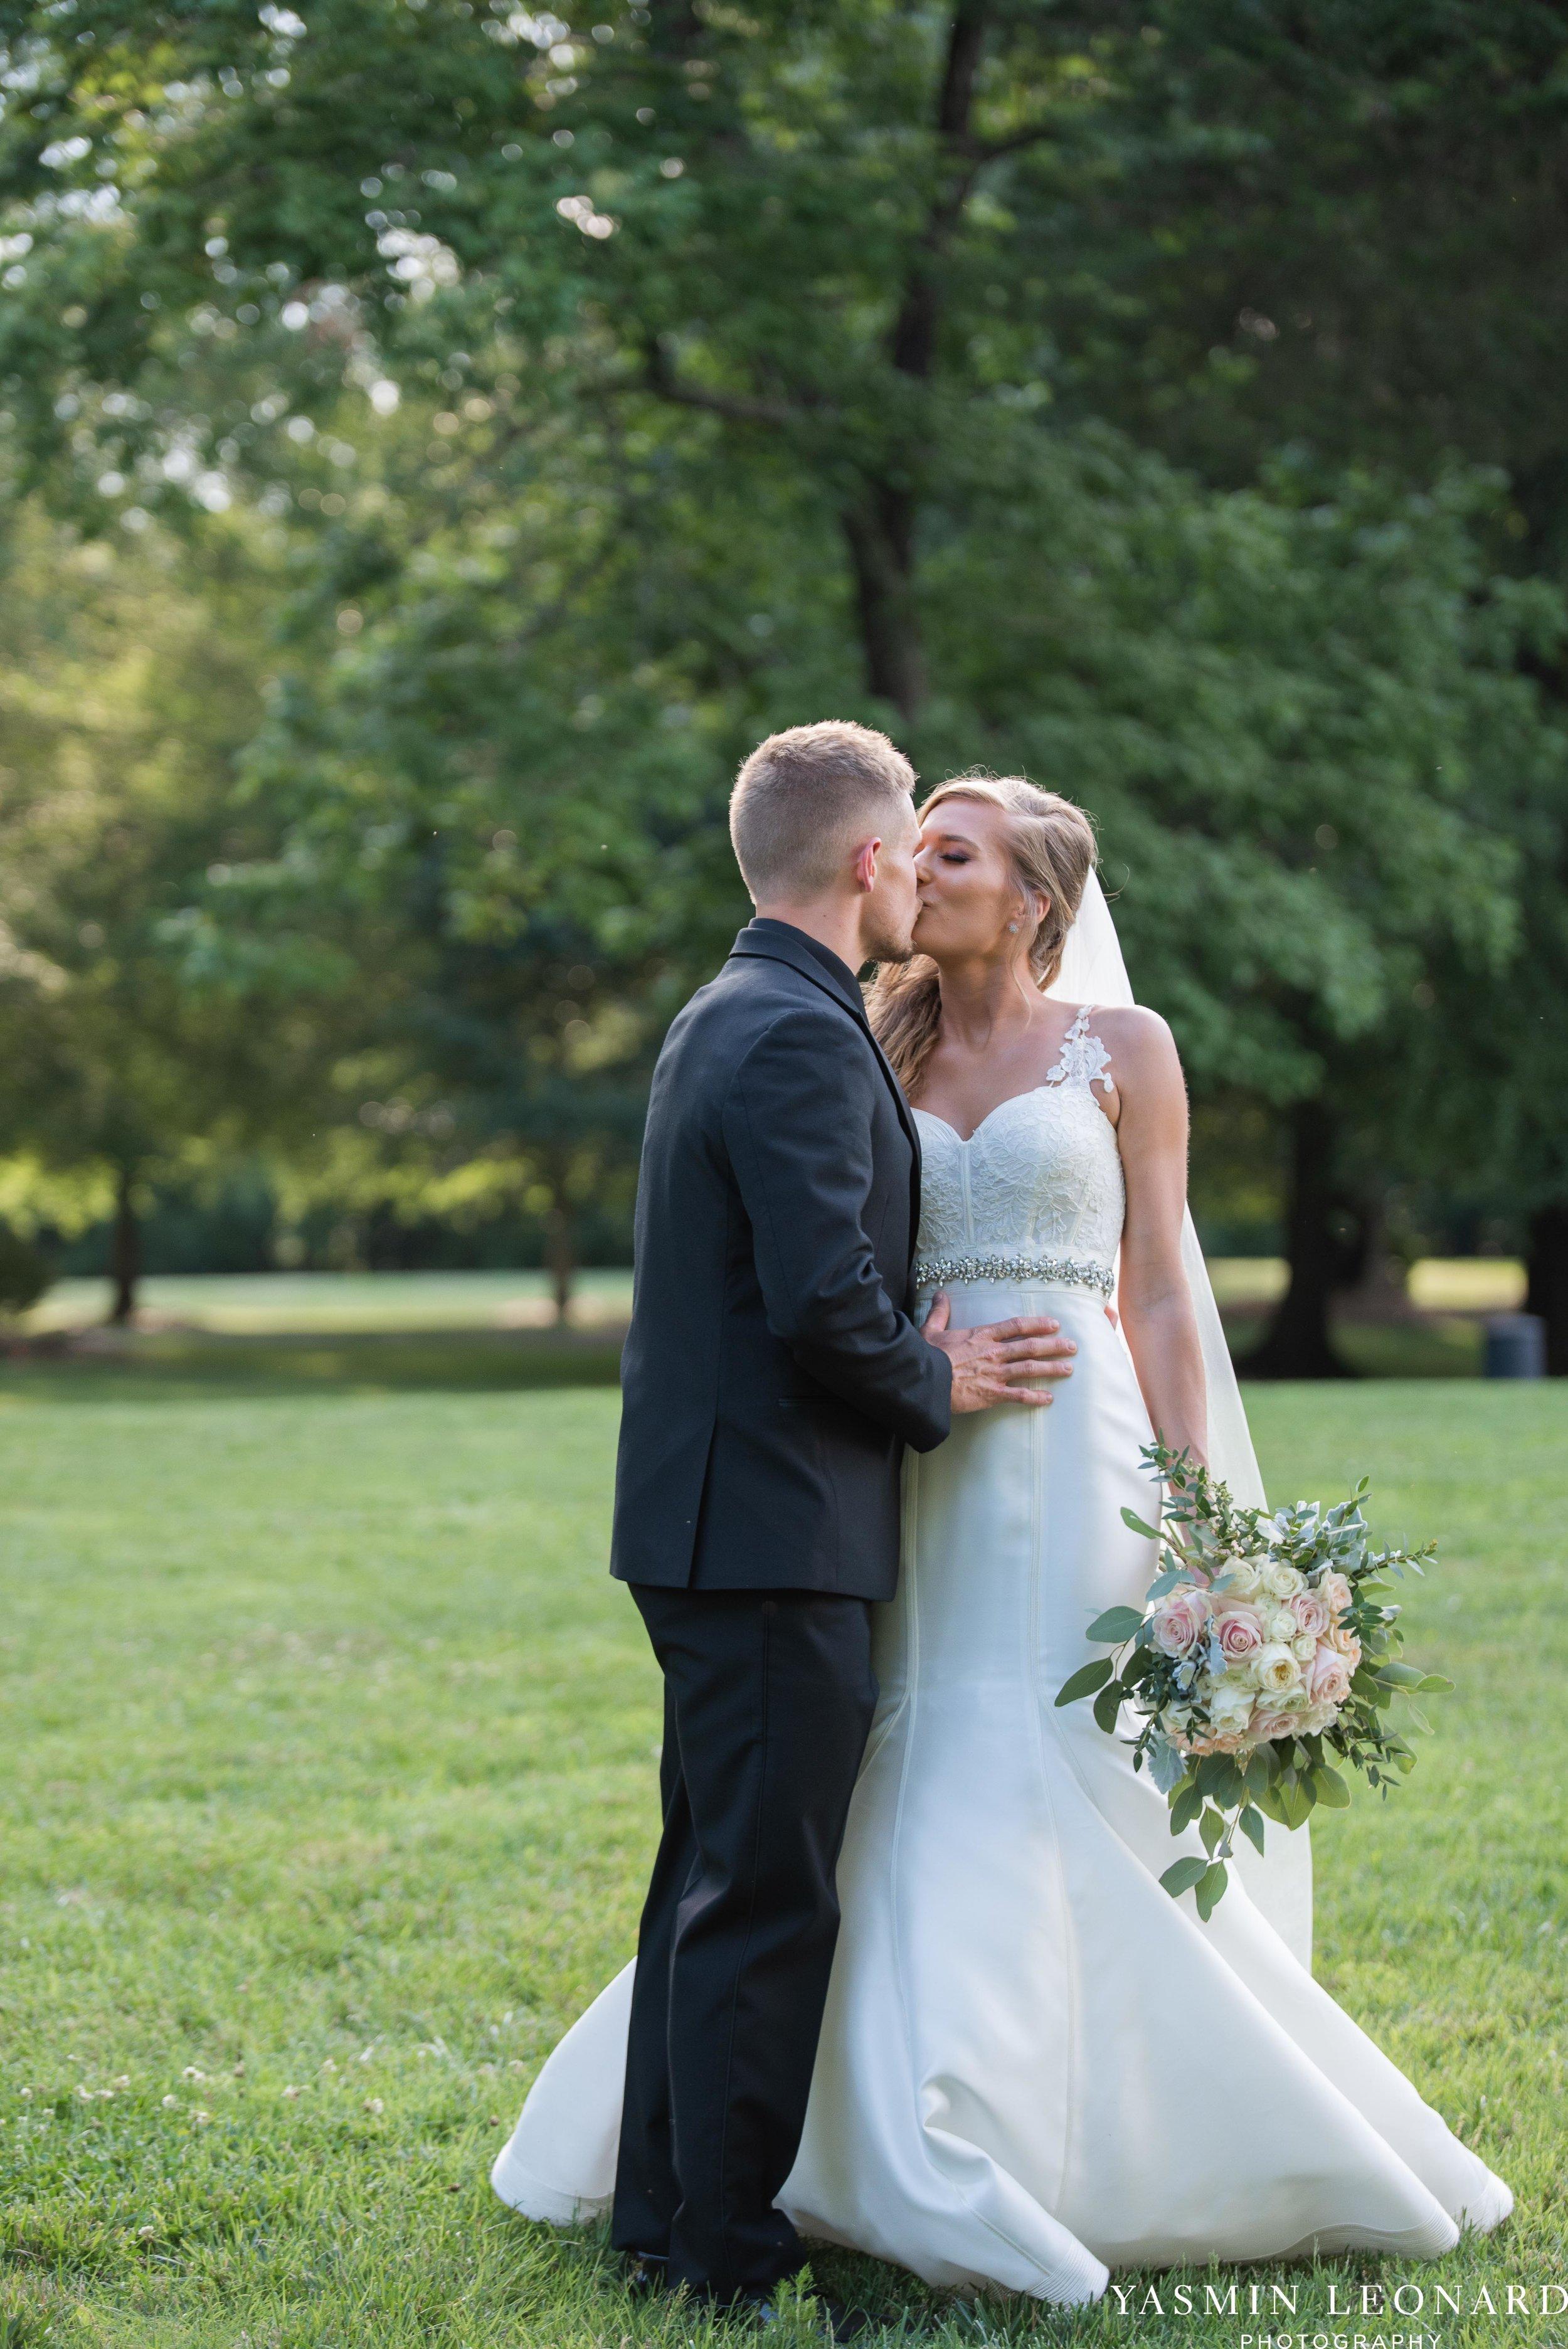 Boxwood Estate - Boxwood Estate Wedding - Luxury Wedding - Black and White Wedding - NC Wedding Venues - NC Weddings - NC Photographer - Lantern Release Grand Exit - Large Wedding Party - Yasmin Leonard Photography-48.jpg